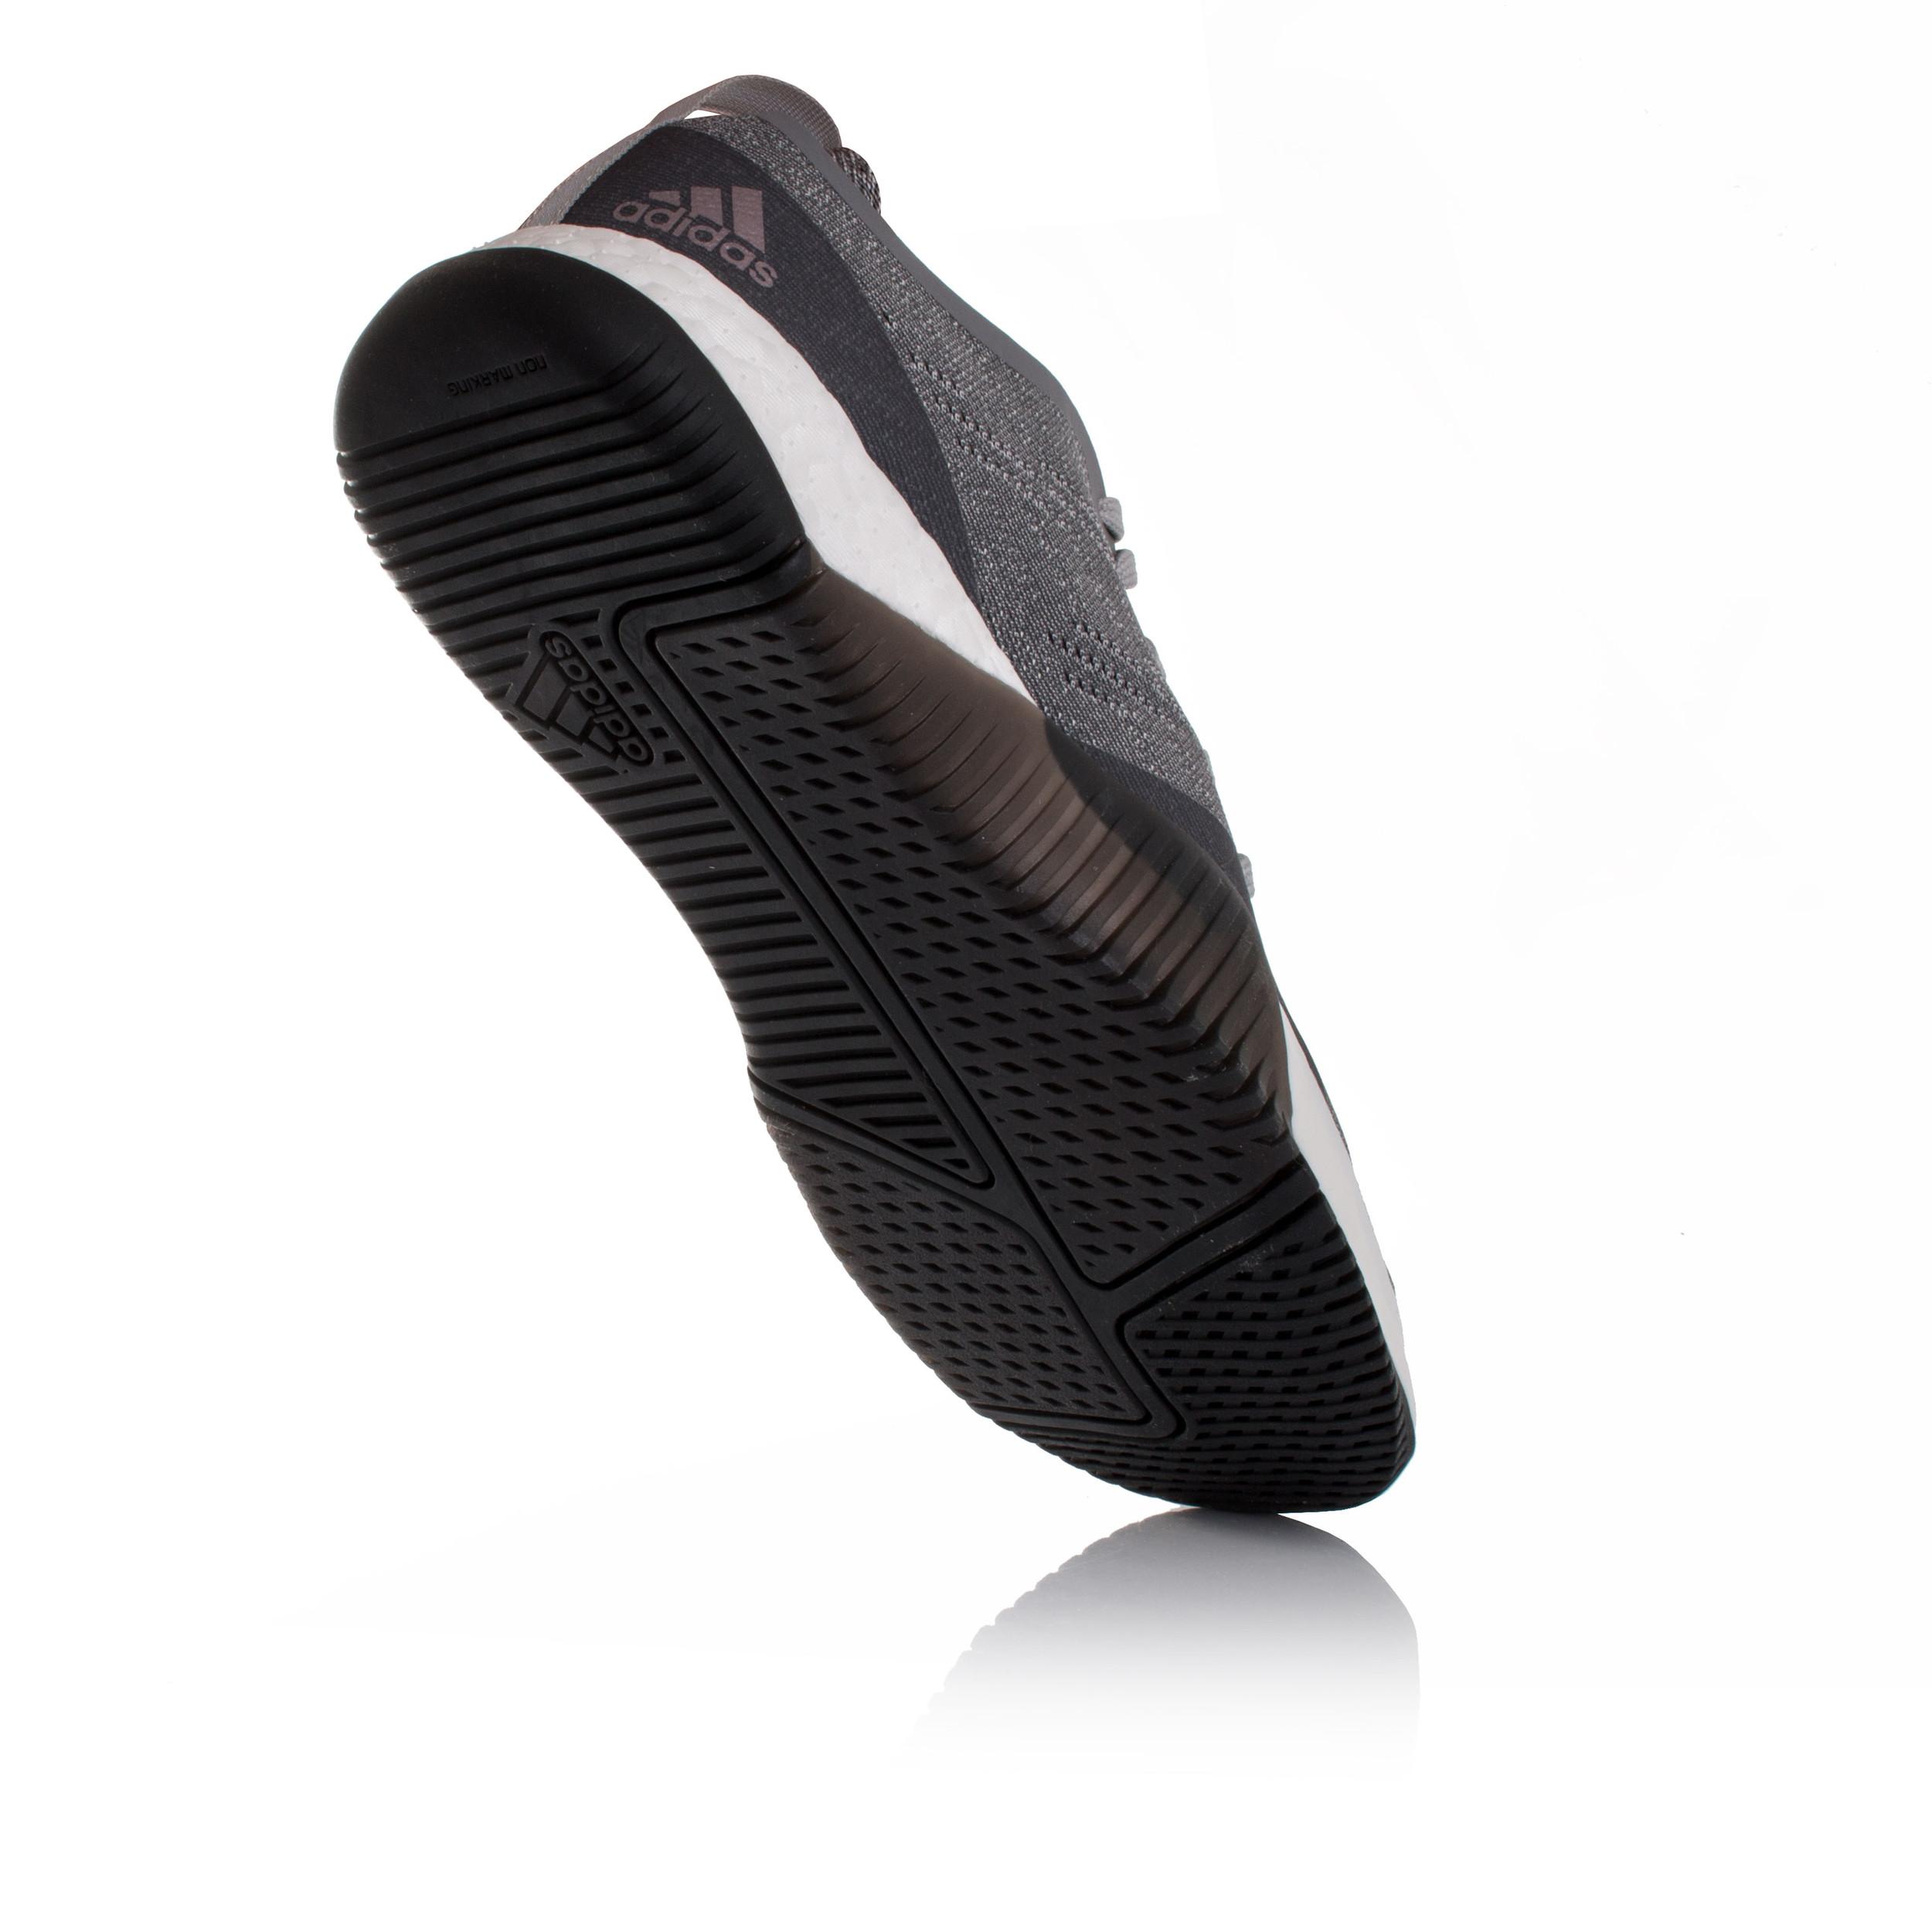 Adidas-Crazy-Train-Elite-Femme-Gris-Entrainement-Gym-Chaussures-De-Sport-Baskets